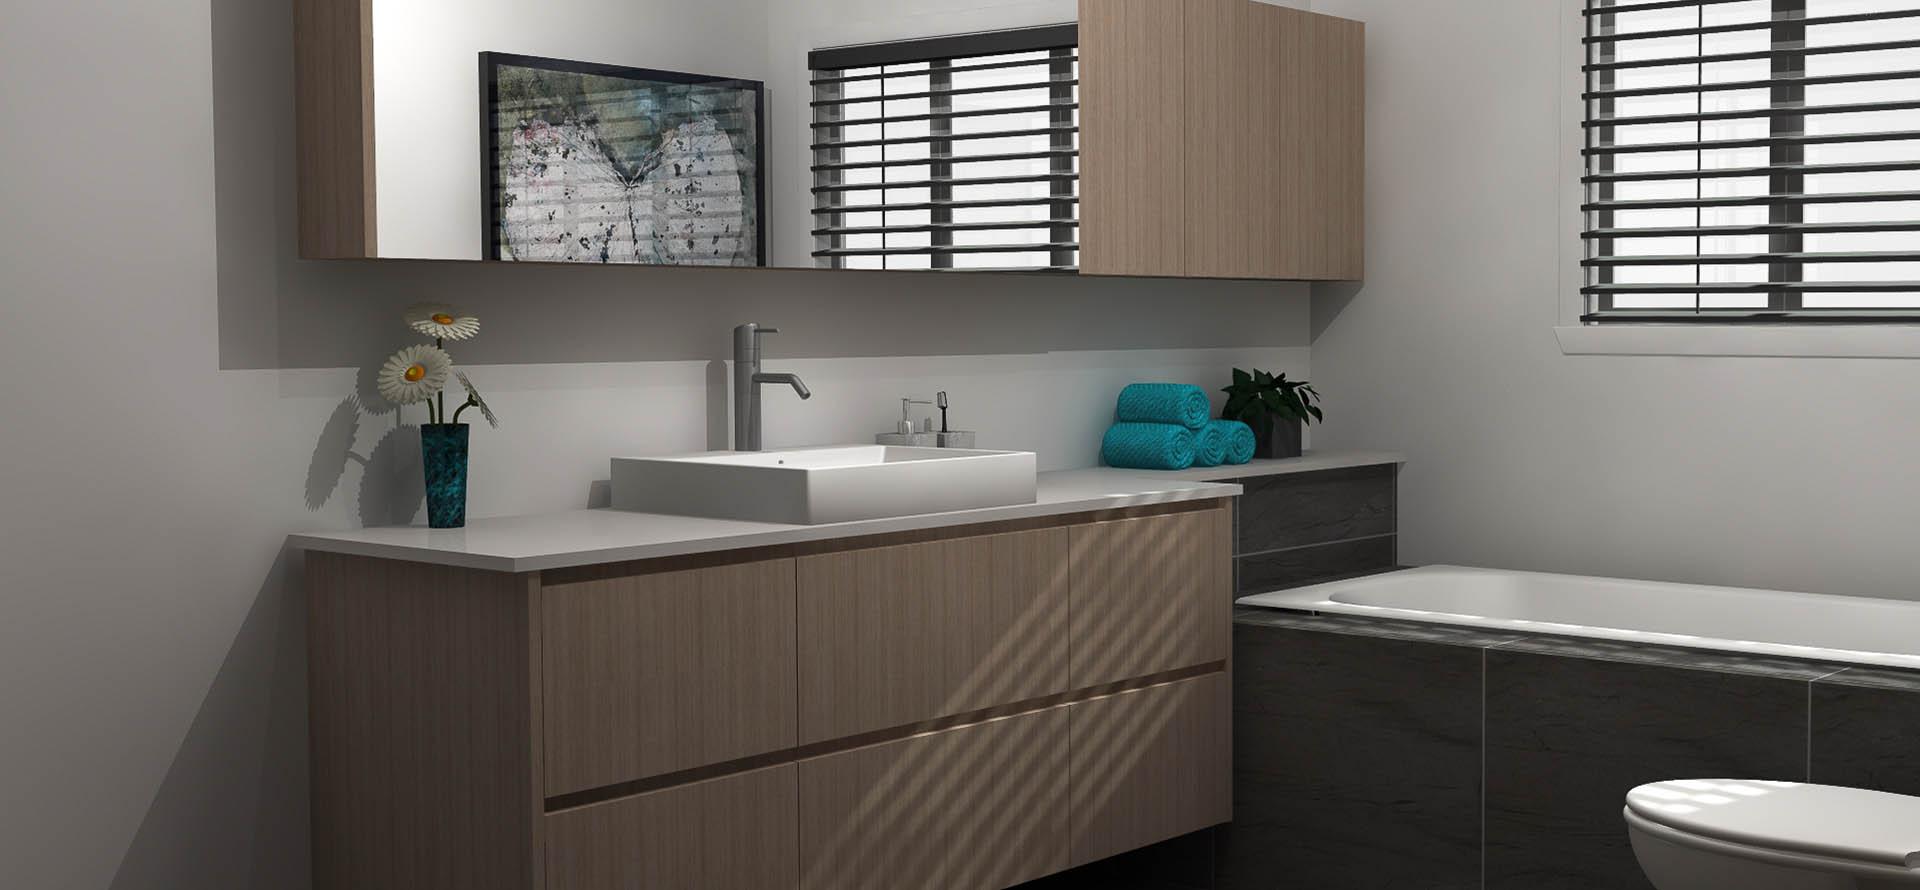 Plan de cuisine en 3d for Design cuisine 3d